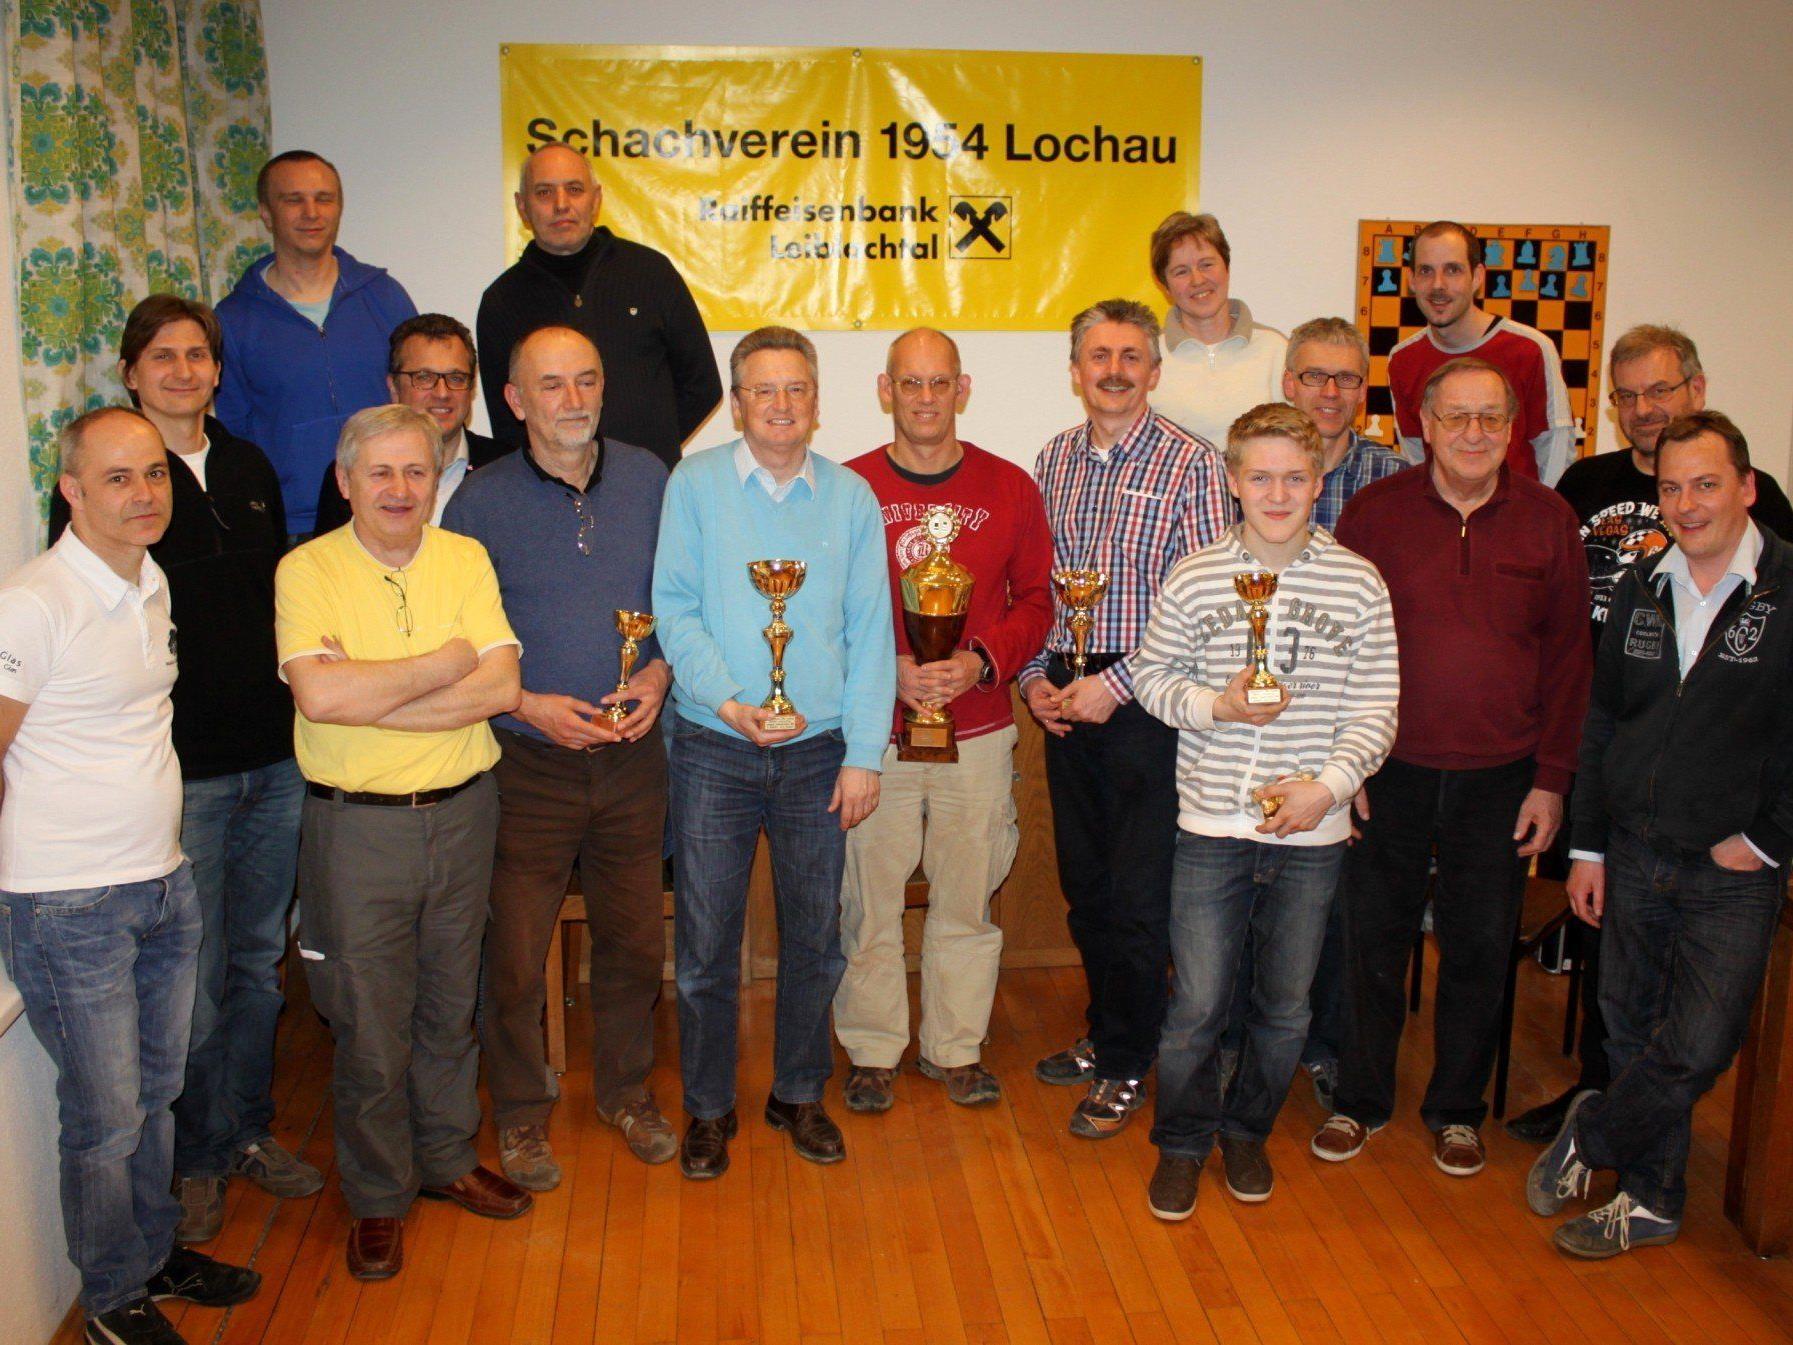 """Die erfolgreichen """"Finisher"""" des 6. Lochauer Schach-Triathlon im Klublokal des Schachvereins 1954 Lochau im Vereinshaus """"Alte Schule""""."""